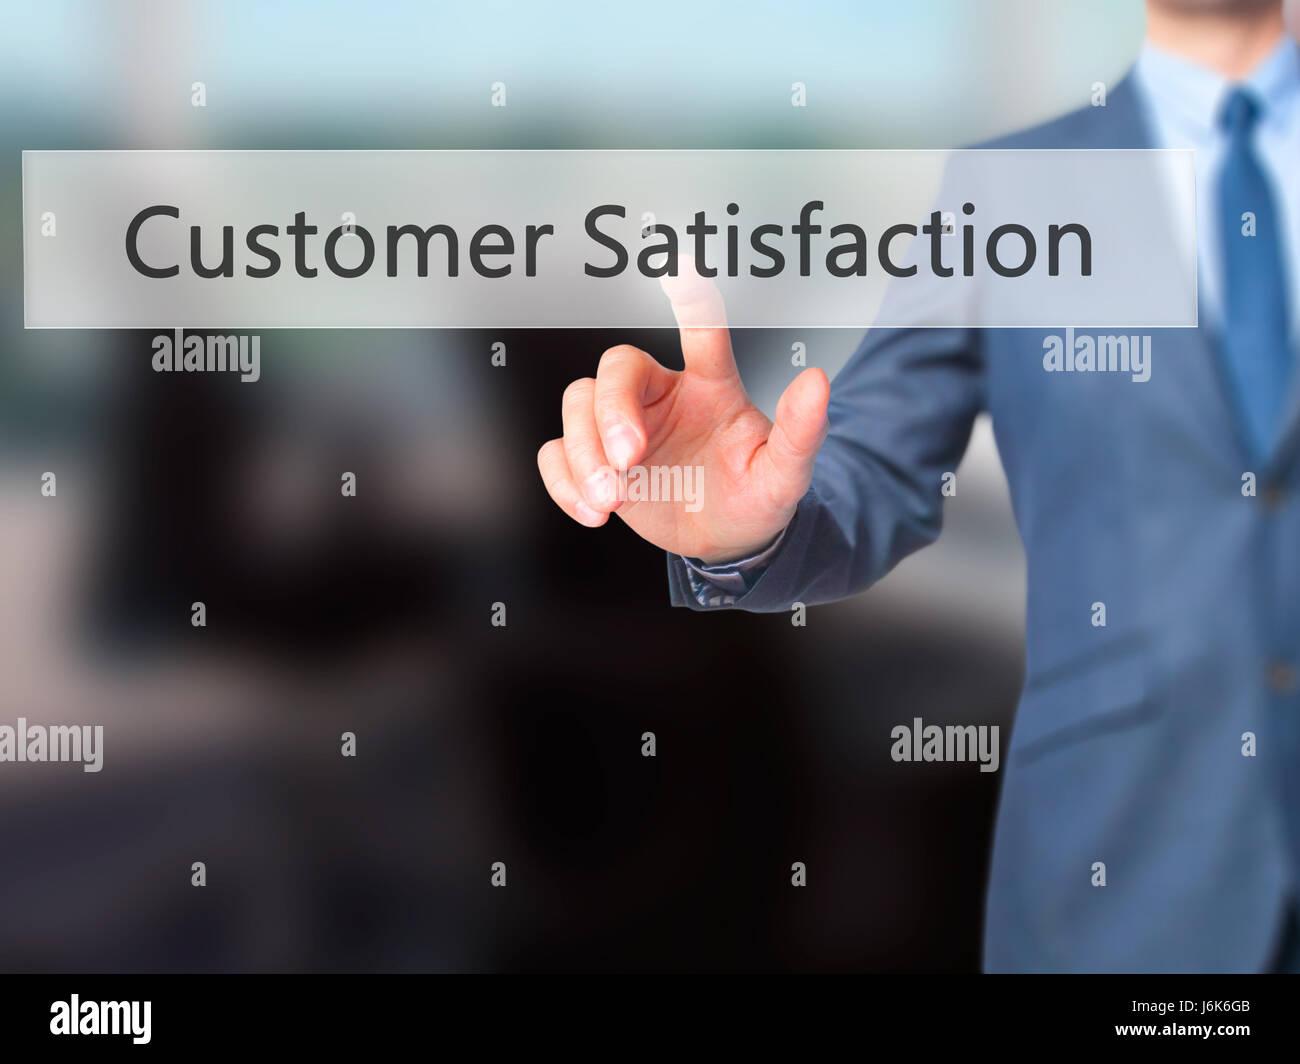 Kundenzufriedenheit - Geschäftsmann Hand-Touch-Taste auf virtuellen Bildschirm-Schnittstelle. Geschäft, Stockbild